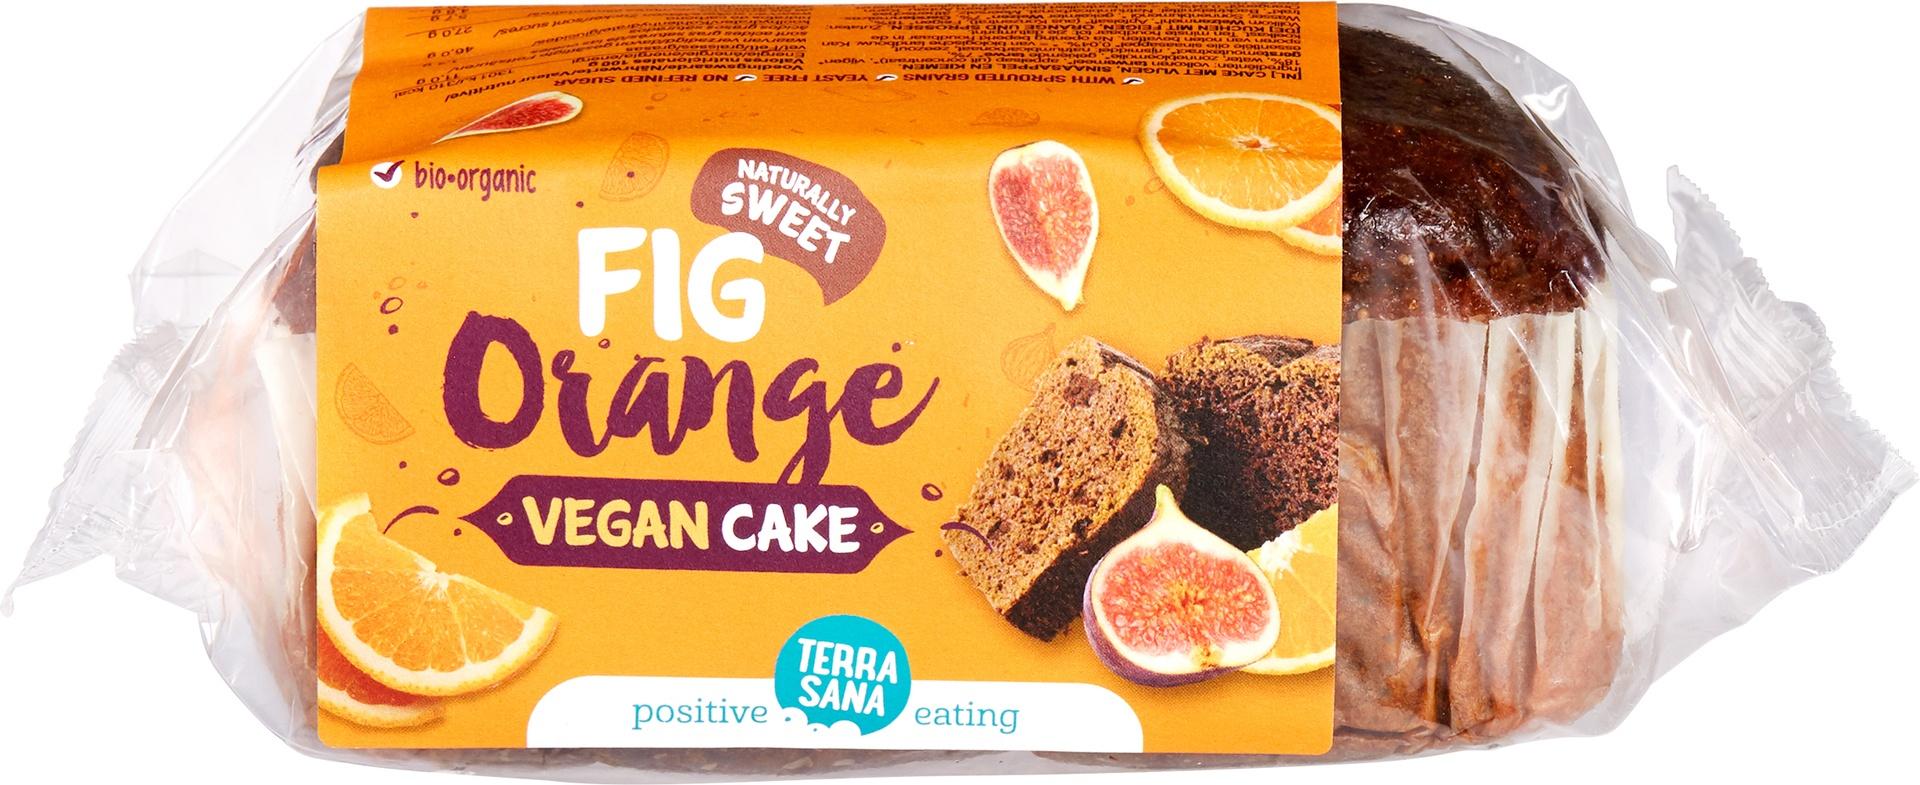 Biologische TerraSana Vegan cake vijgen sinaasappel 350 gr